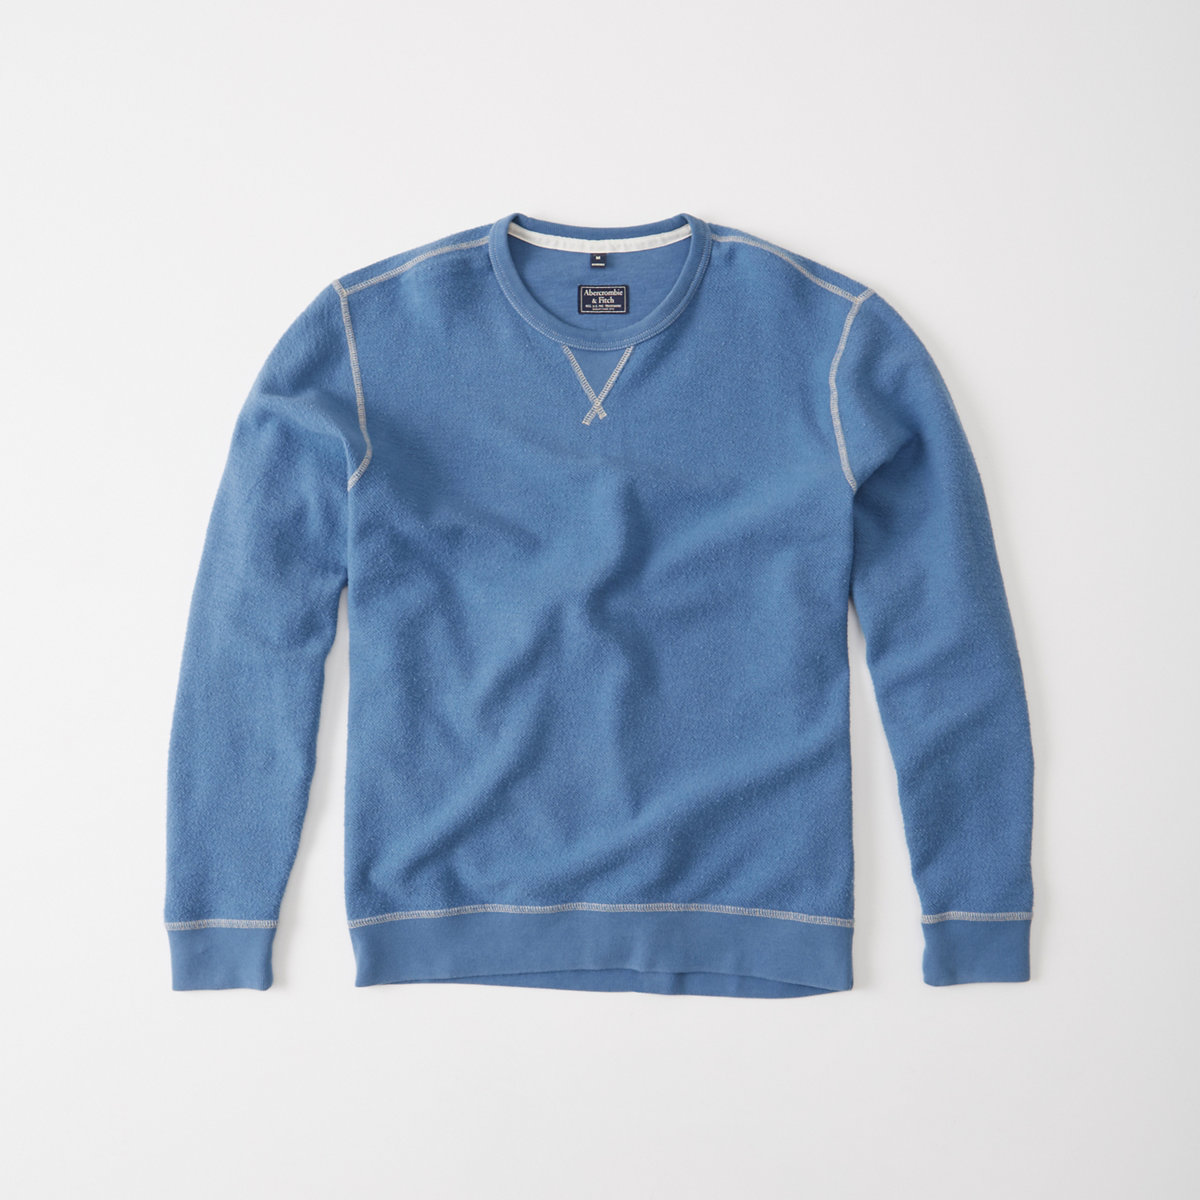 Oversized Crew Sweatshirt